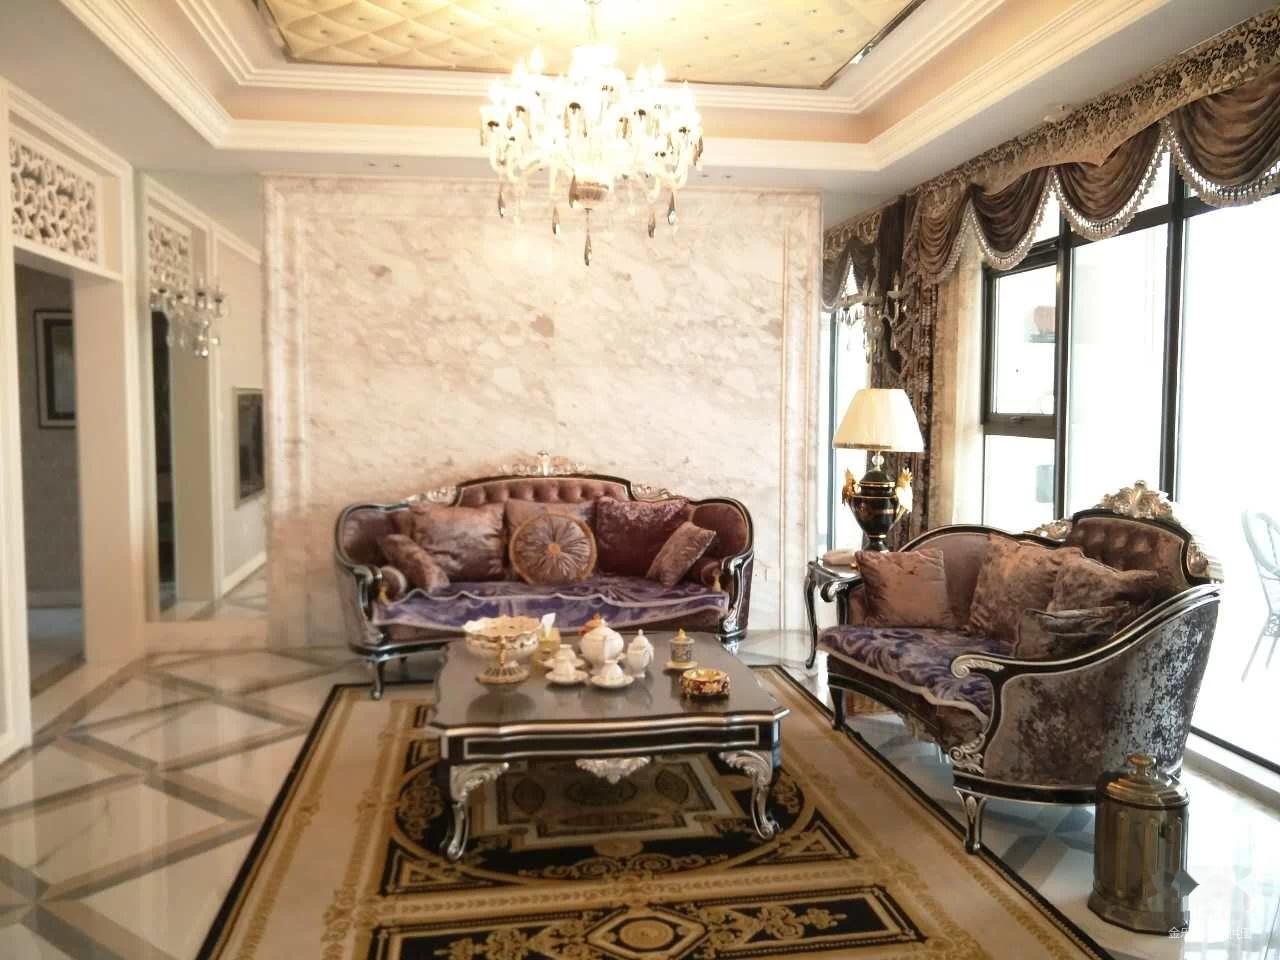 后现代主义豪华装修全送 欢迎品鉴 高出房率有房本可随时走手续